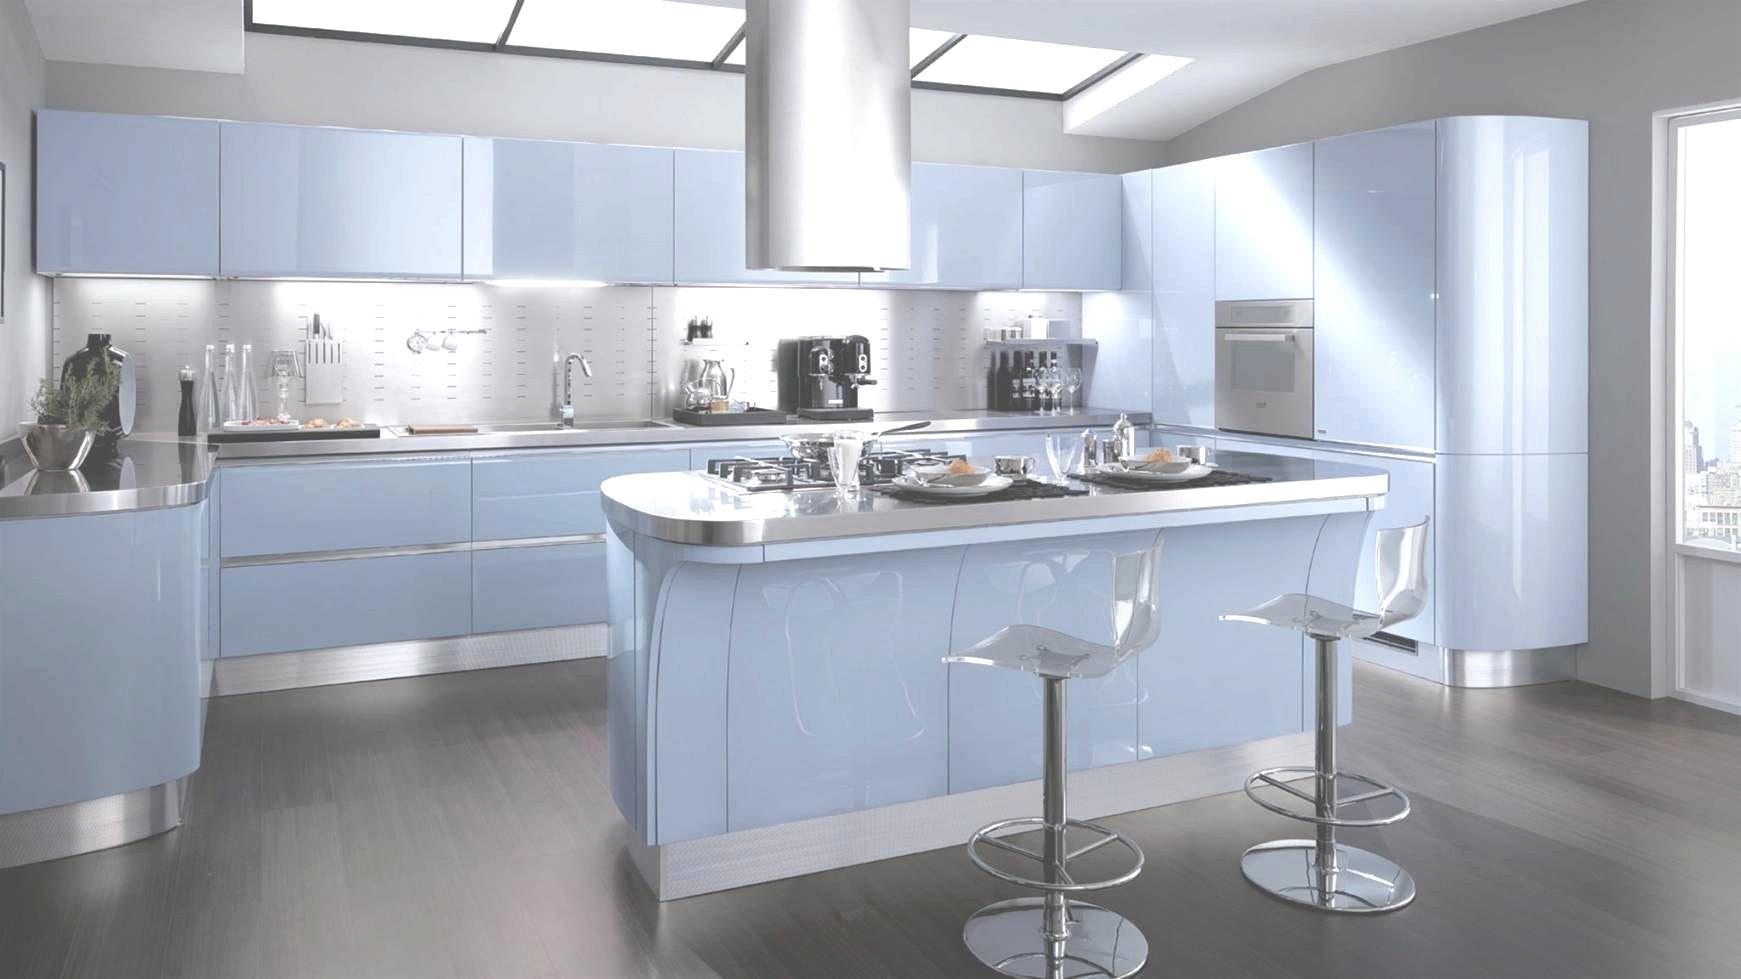 Meuble Wc Brico Dépot Luxe Photos Cuisine Ikea Ou Brico Depot